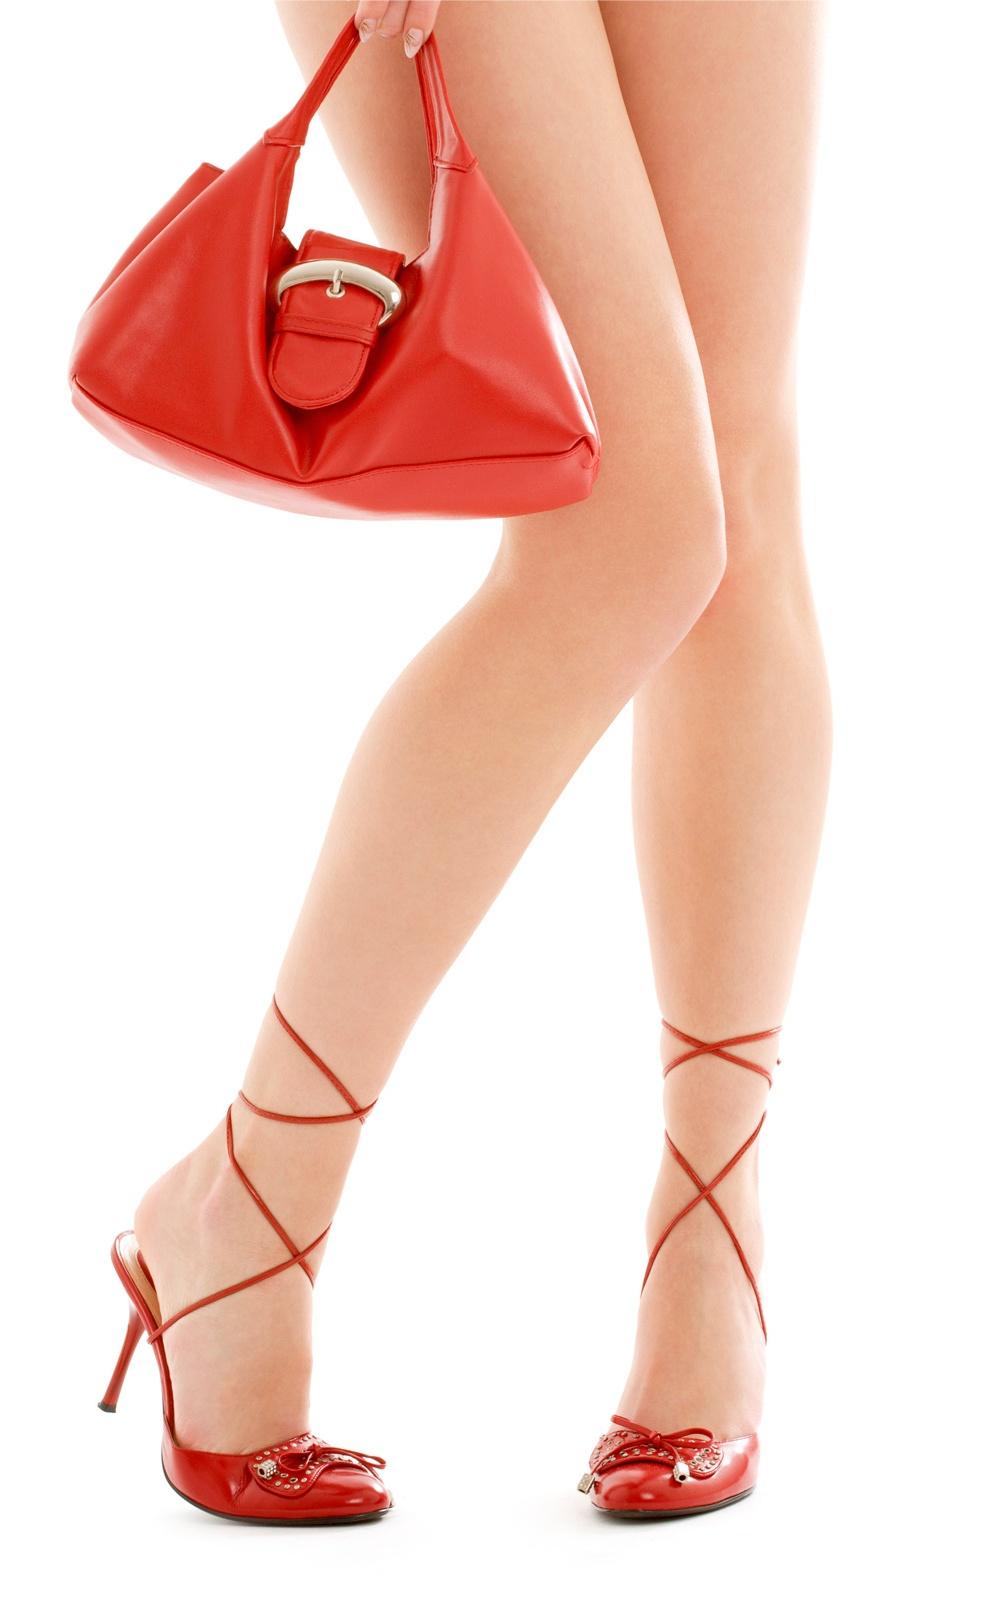 Сексуальные женские ножки на шпильках